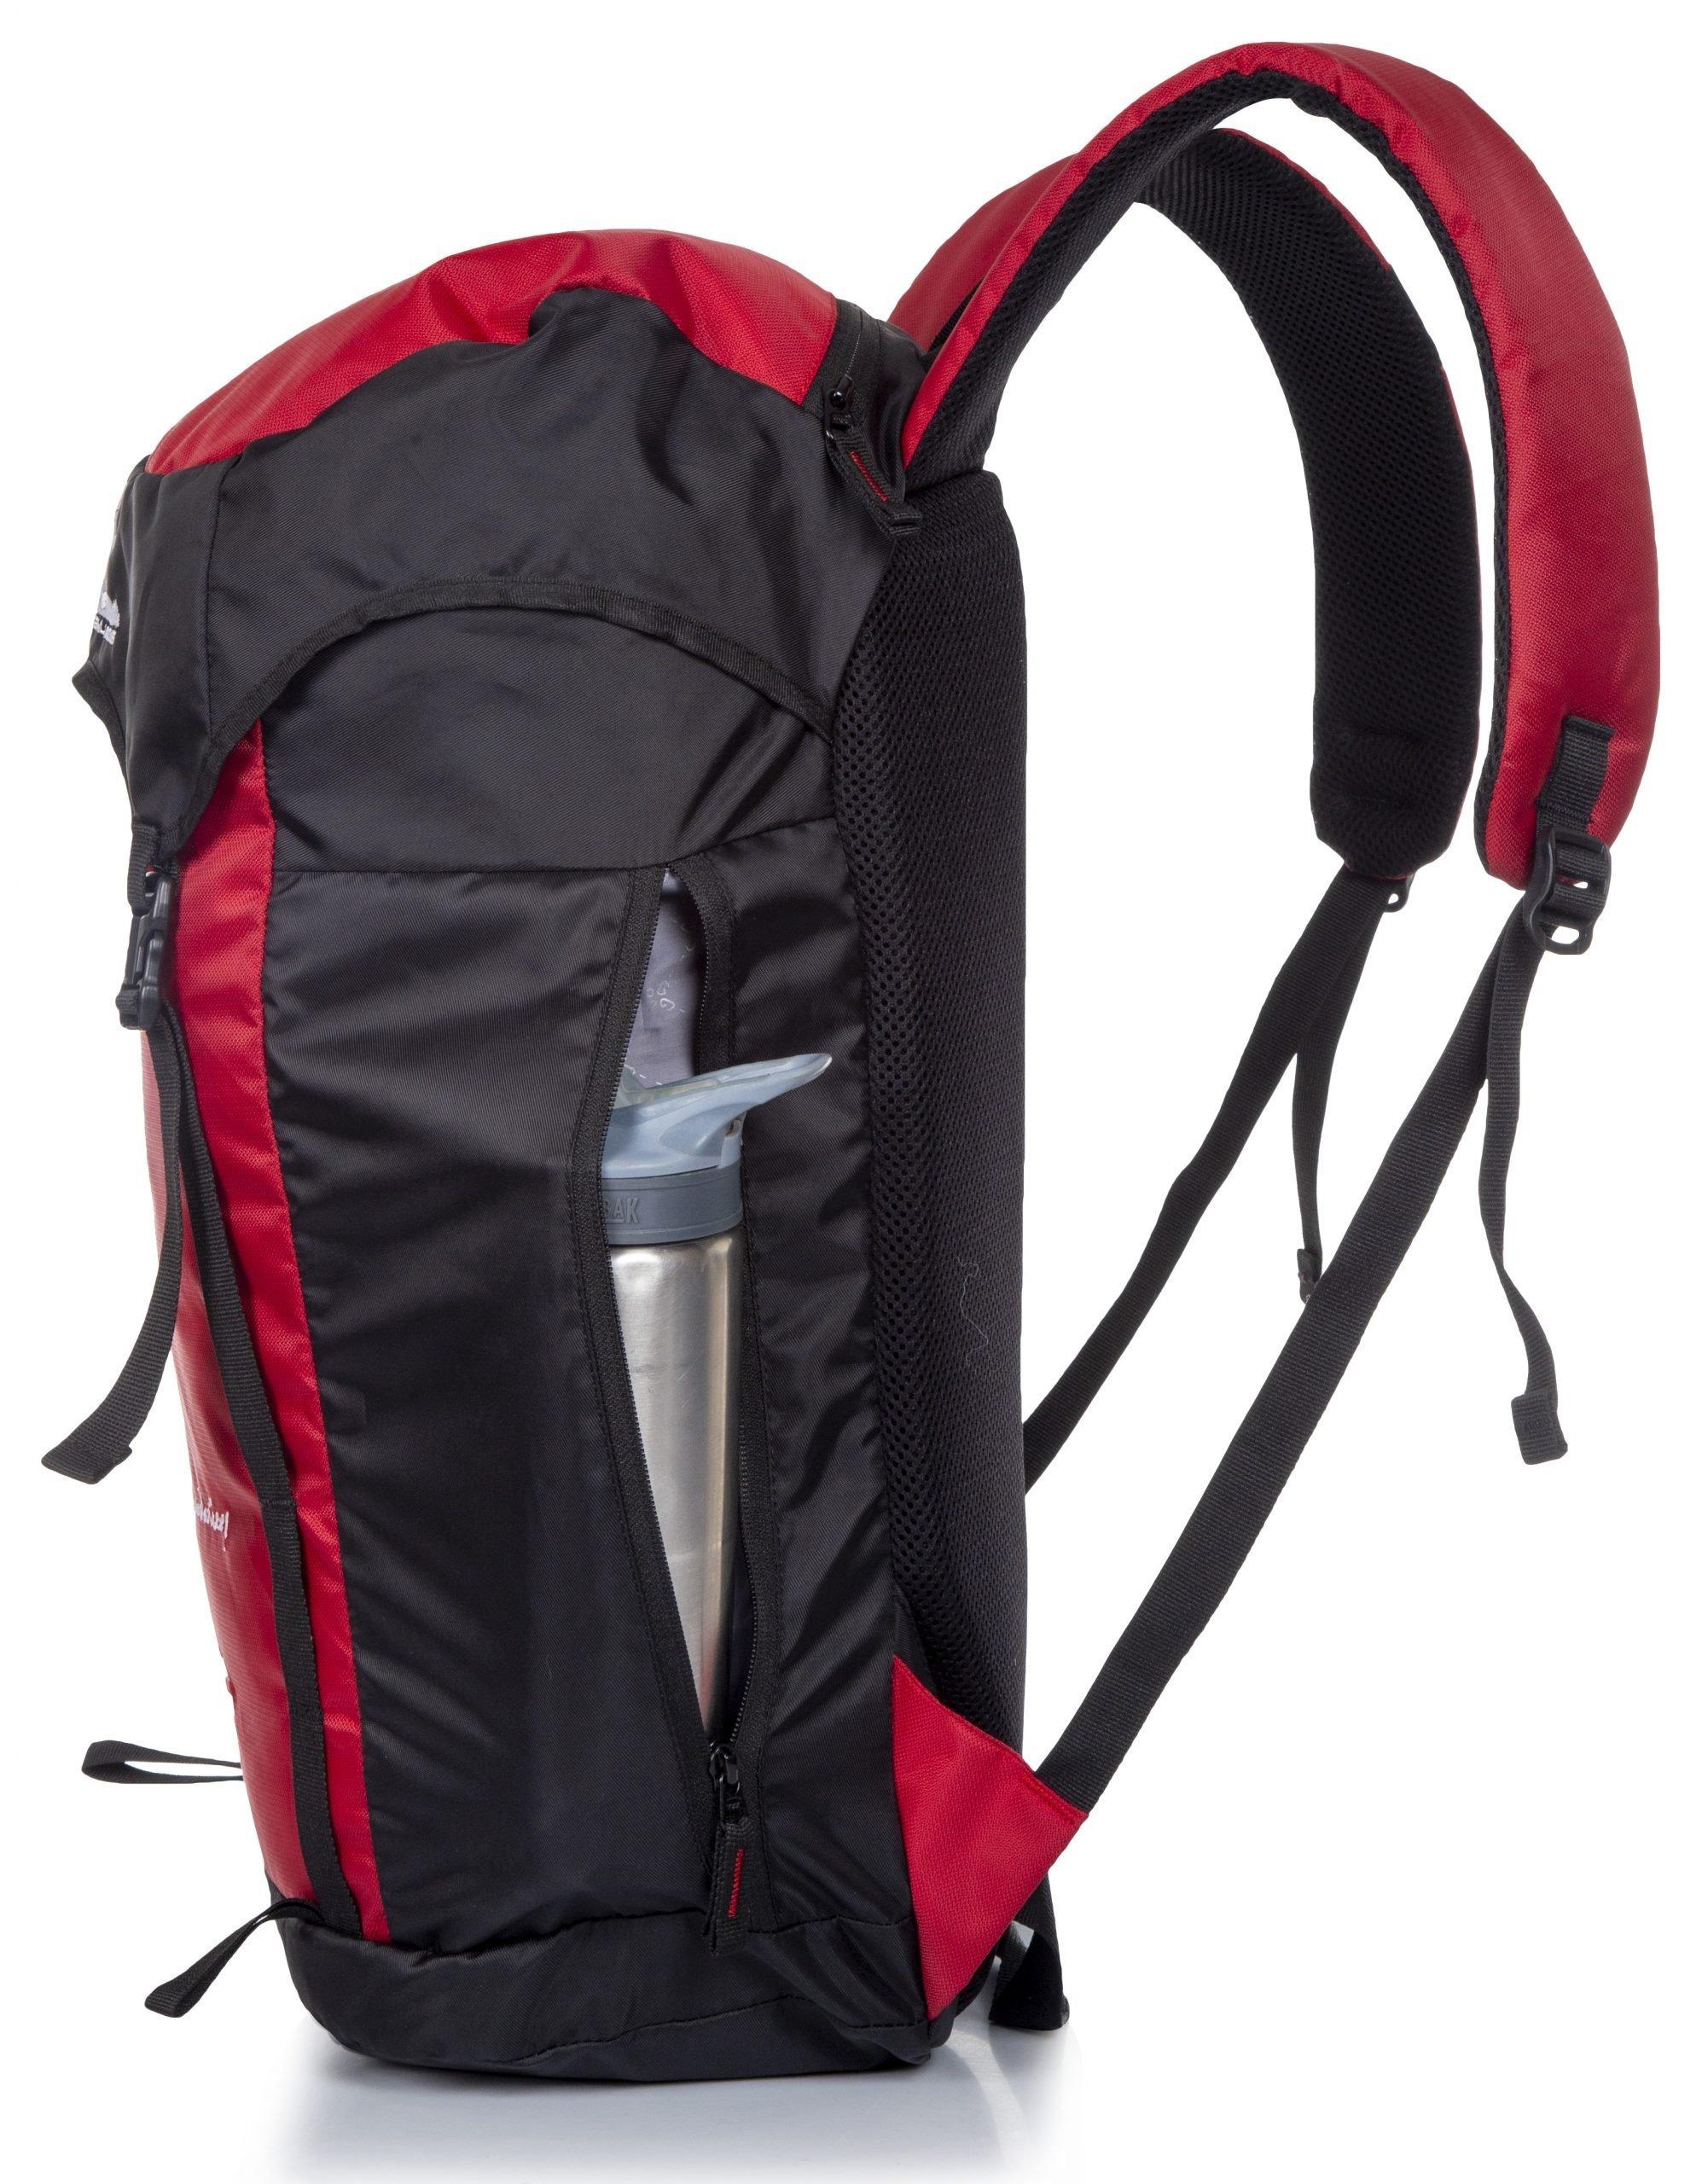 Greenlands Hiking Bag